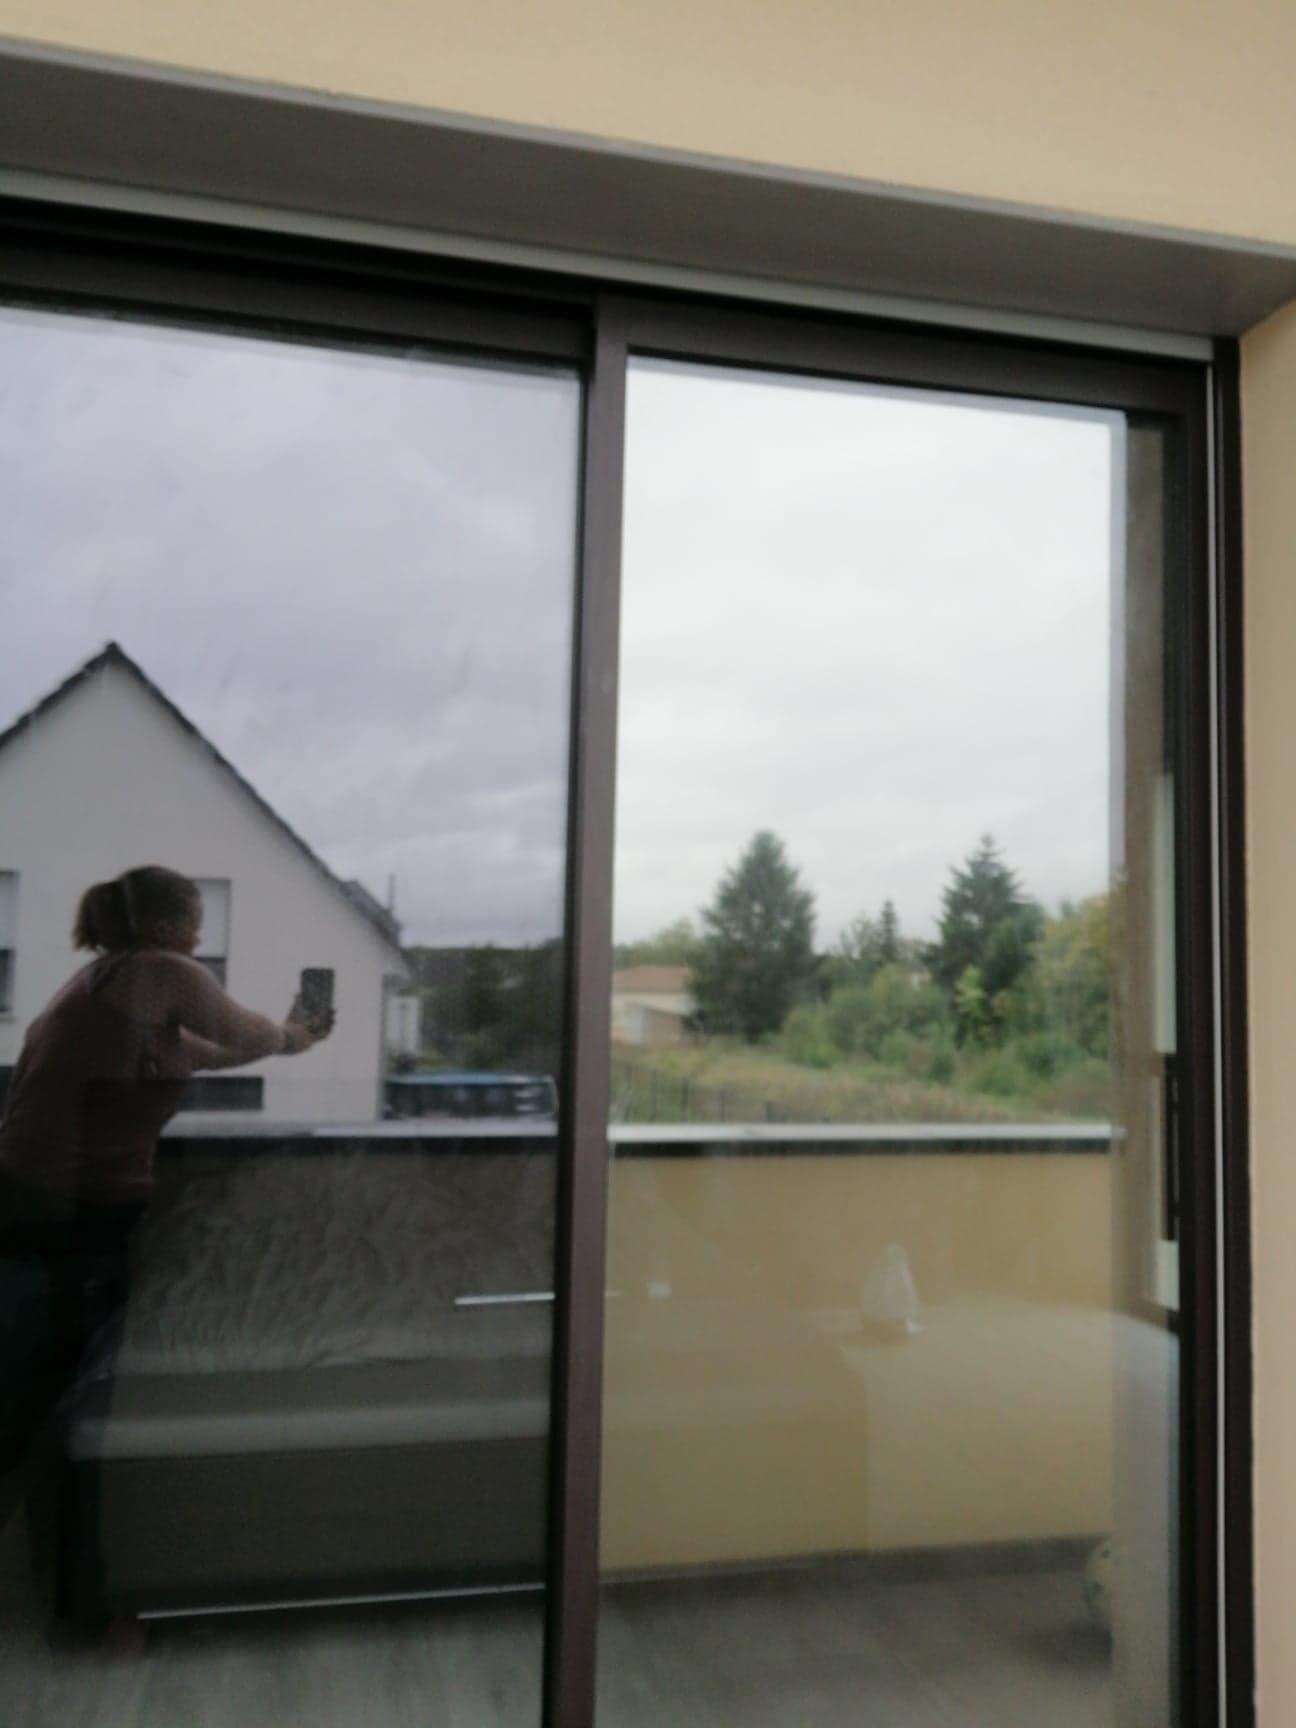 Film miroir sans tain vue de l'extérieur avant/après